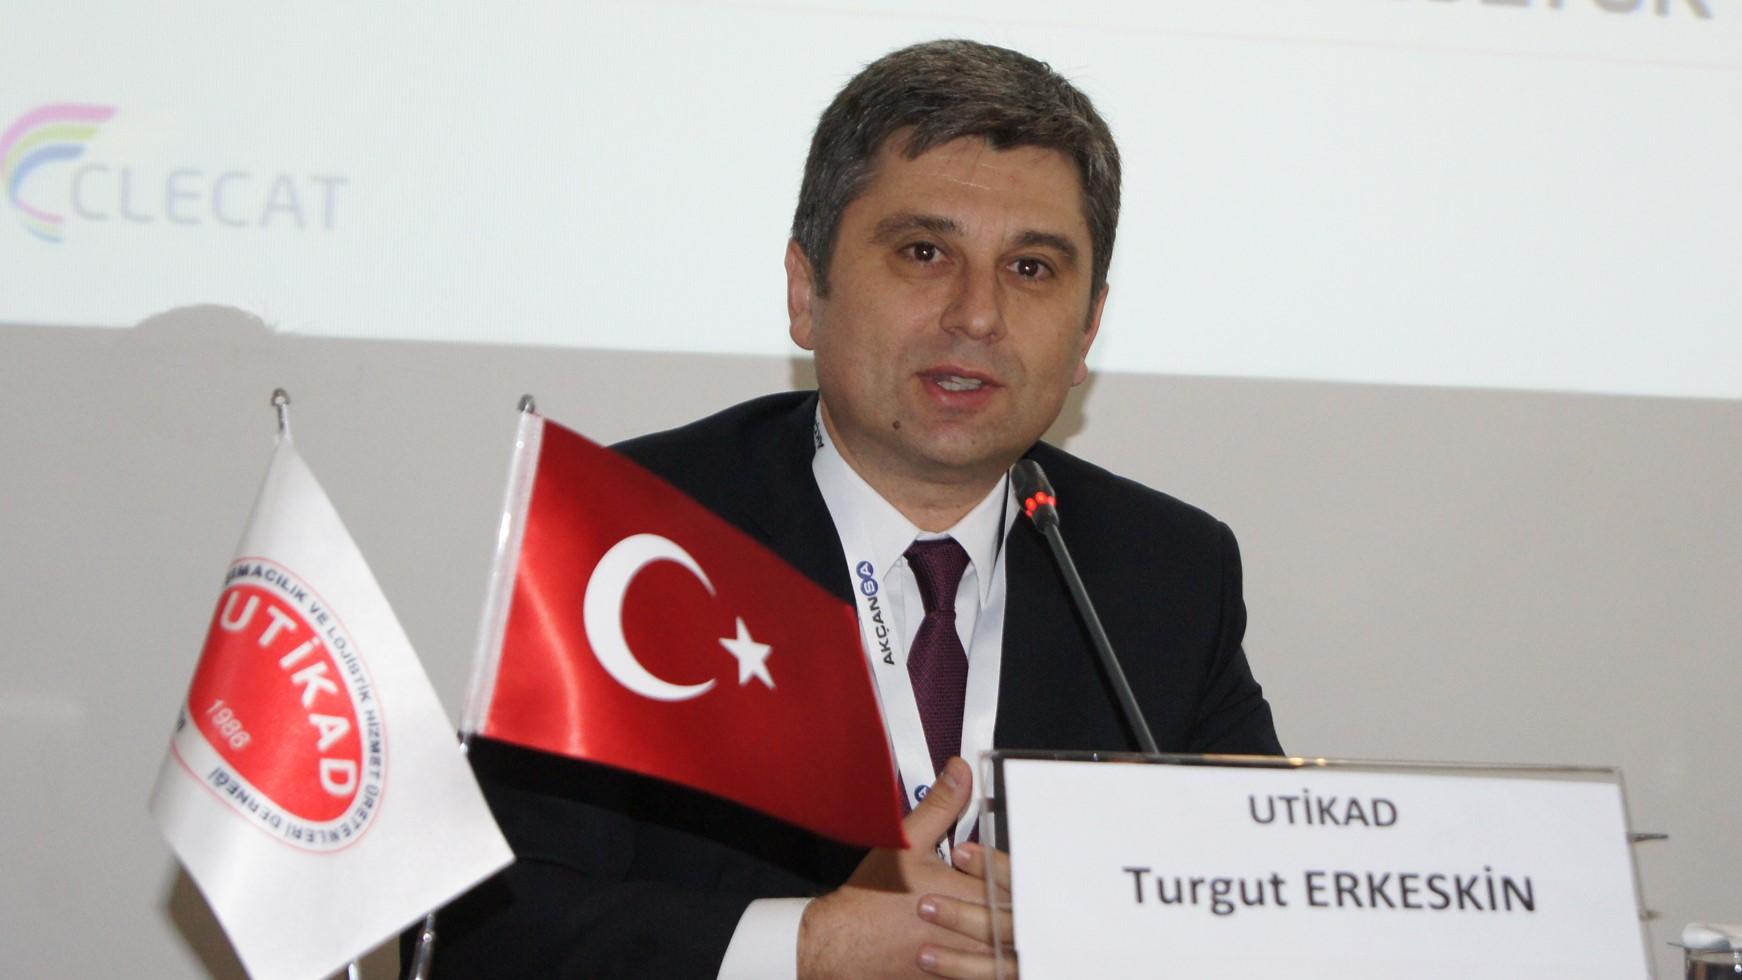 Turgut Erkseskin, Genel Transport Turkey interviewed by World Cargo Vision 3